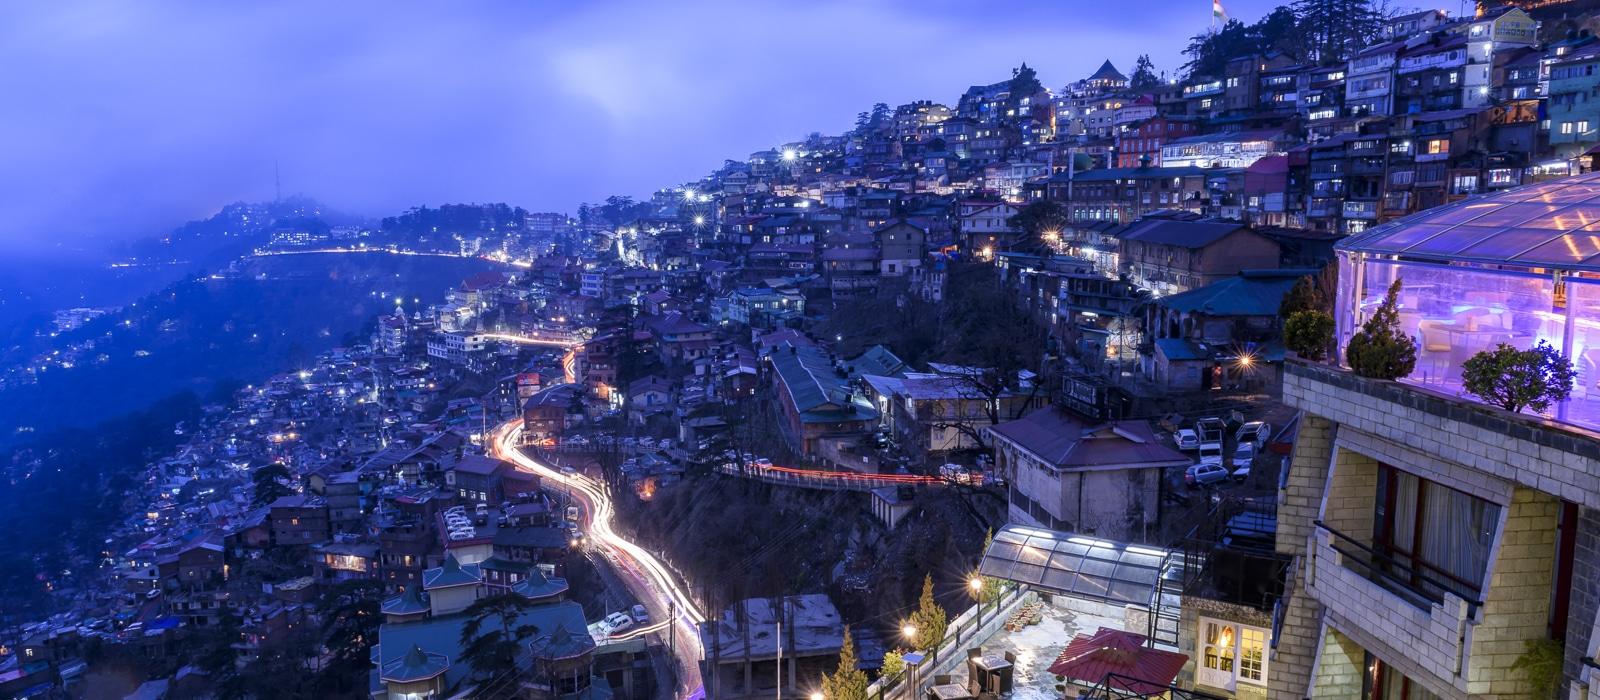 Voyage organisé en petit groupe - Shimla - Inde du nord - Agence de voyage Les Routes du Monde